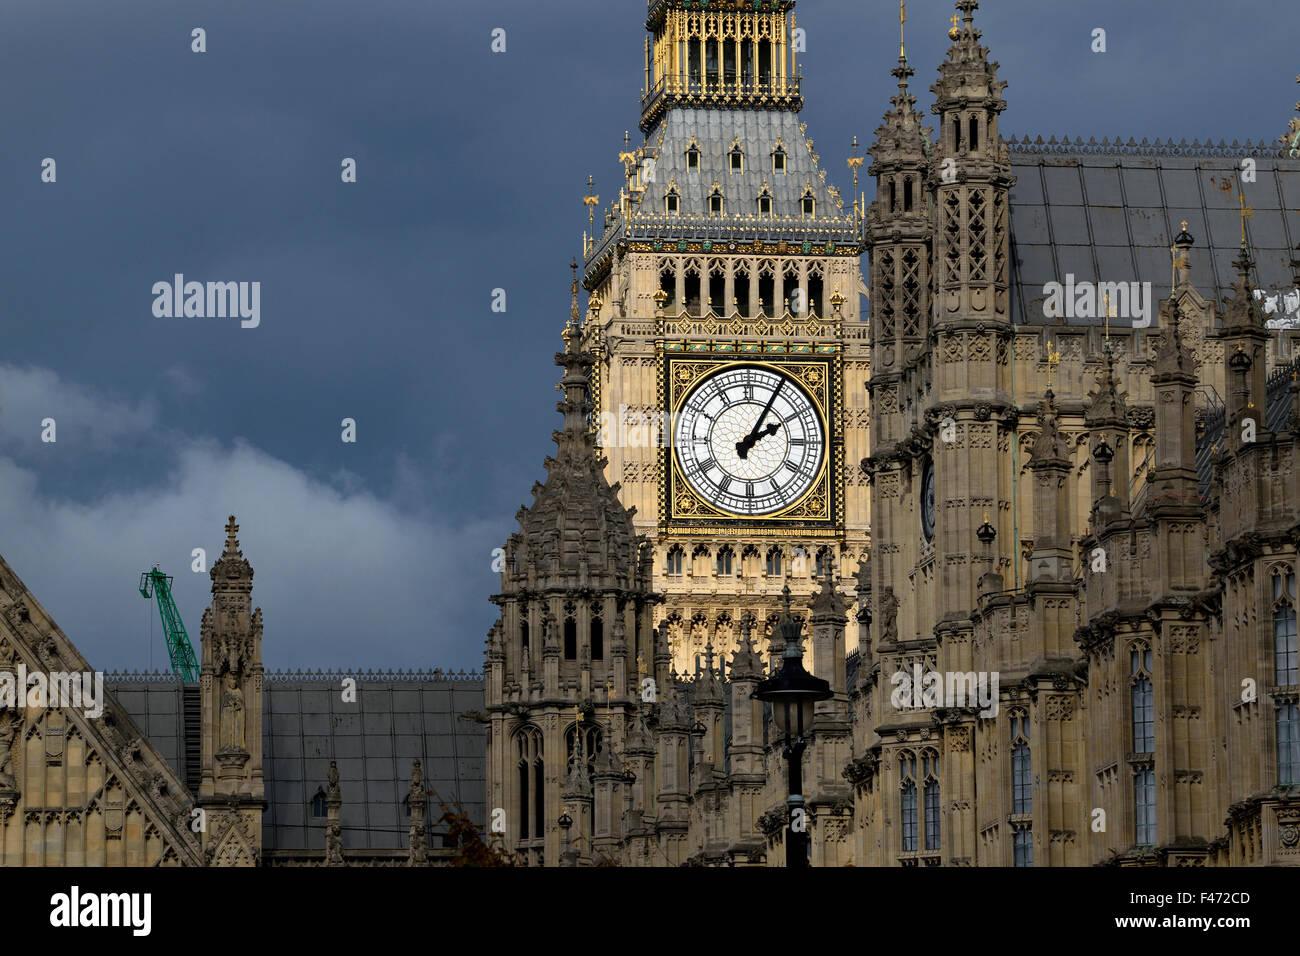 Londres, Inglaterra, Reino Unido. El Big Ben y las Casas del Parlamento en caso de mal tiempo - Sun en el reloj Foto de stock